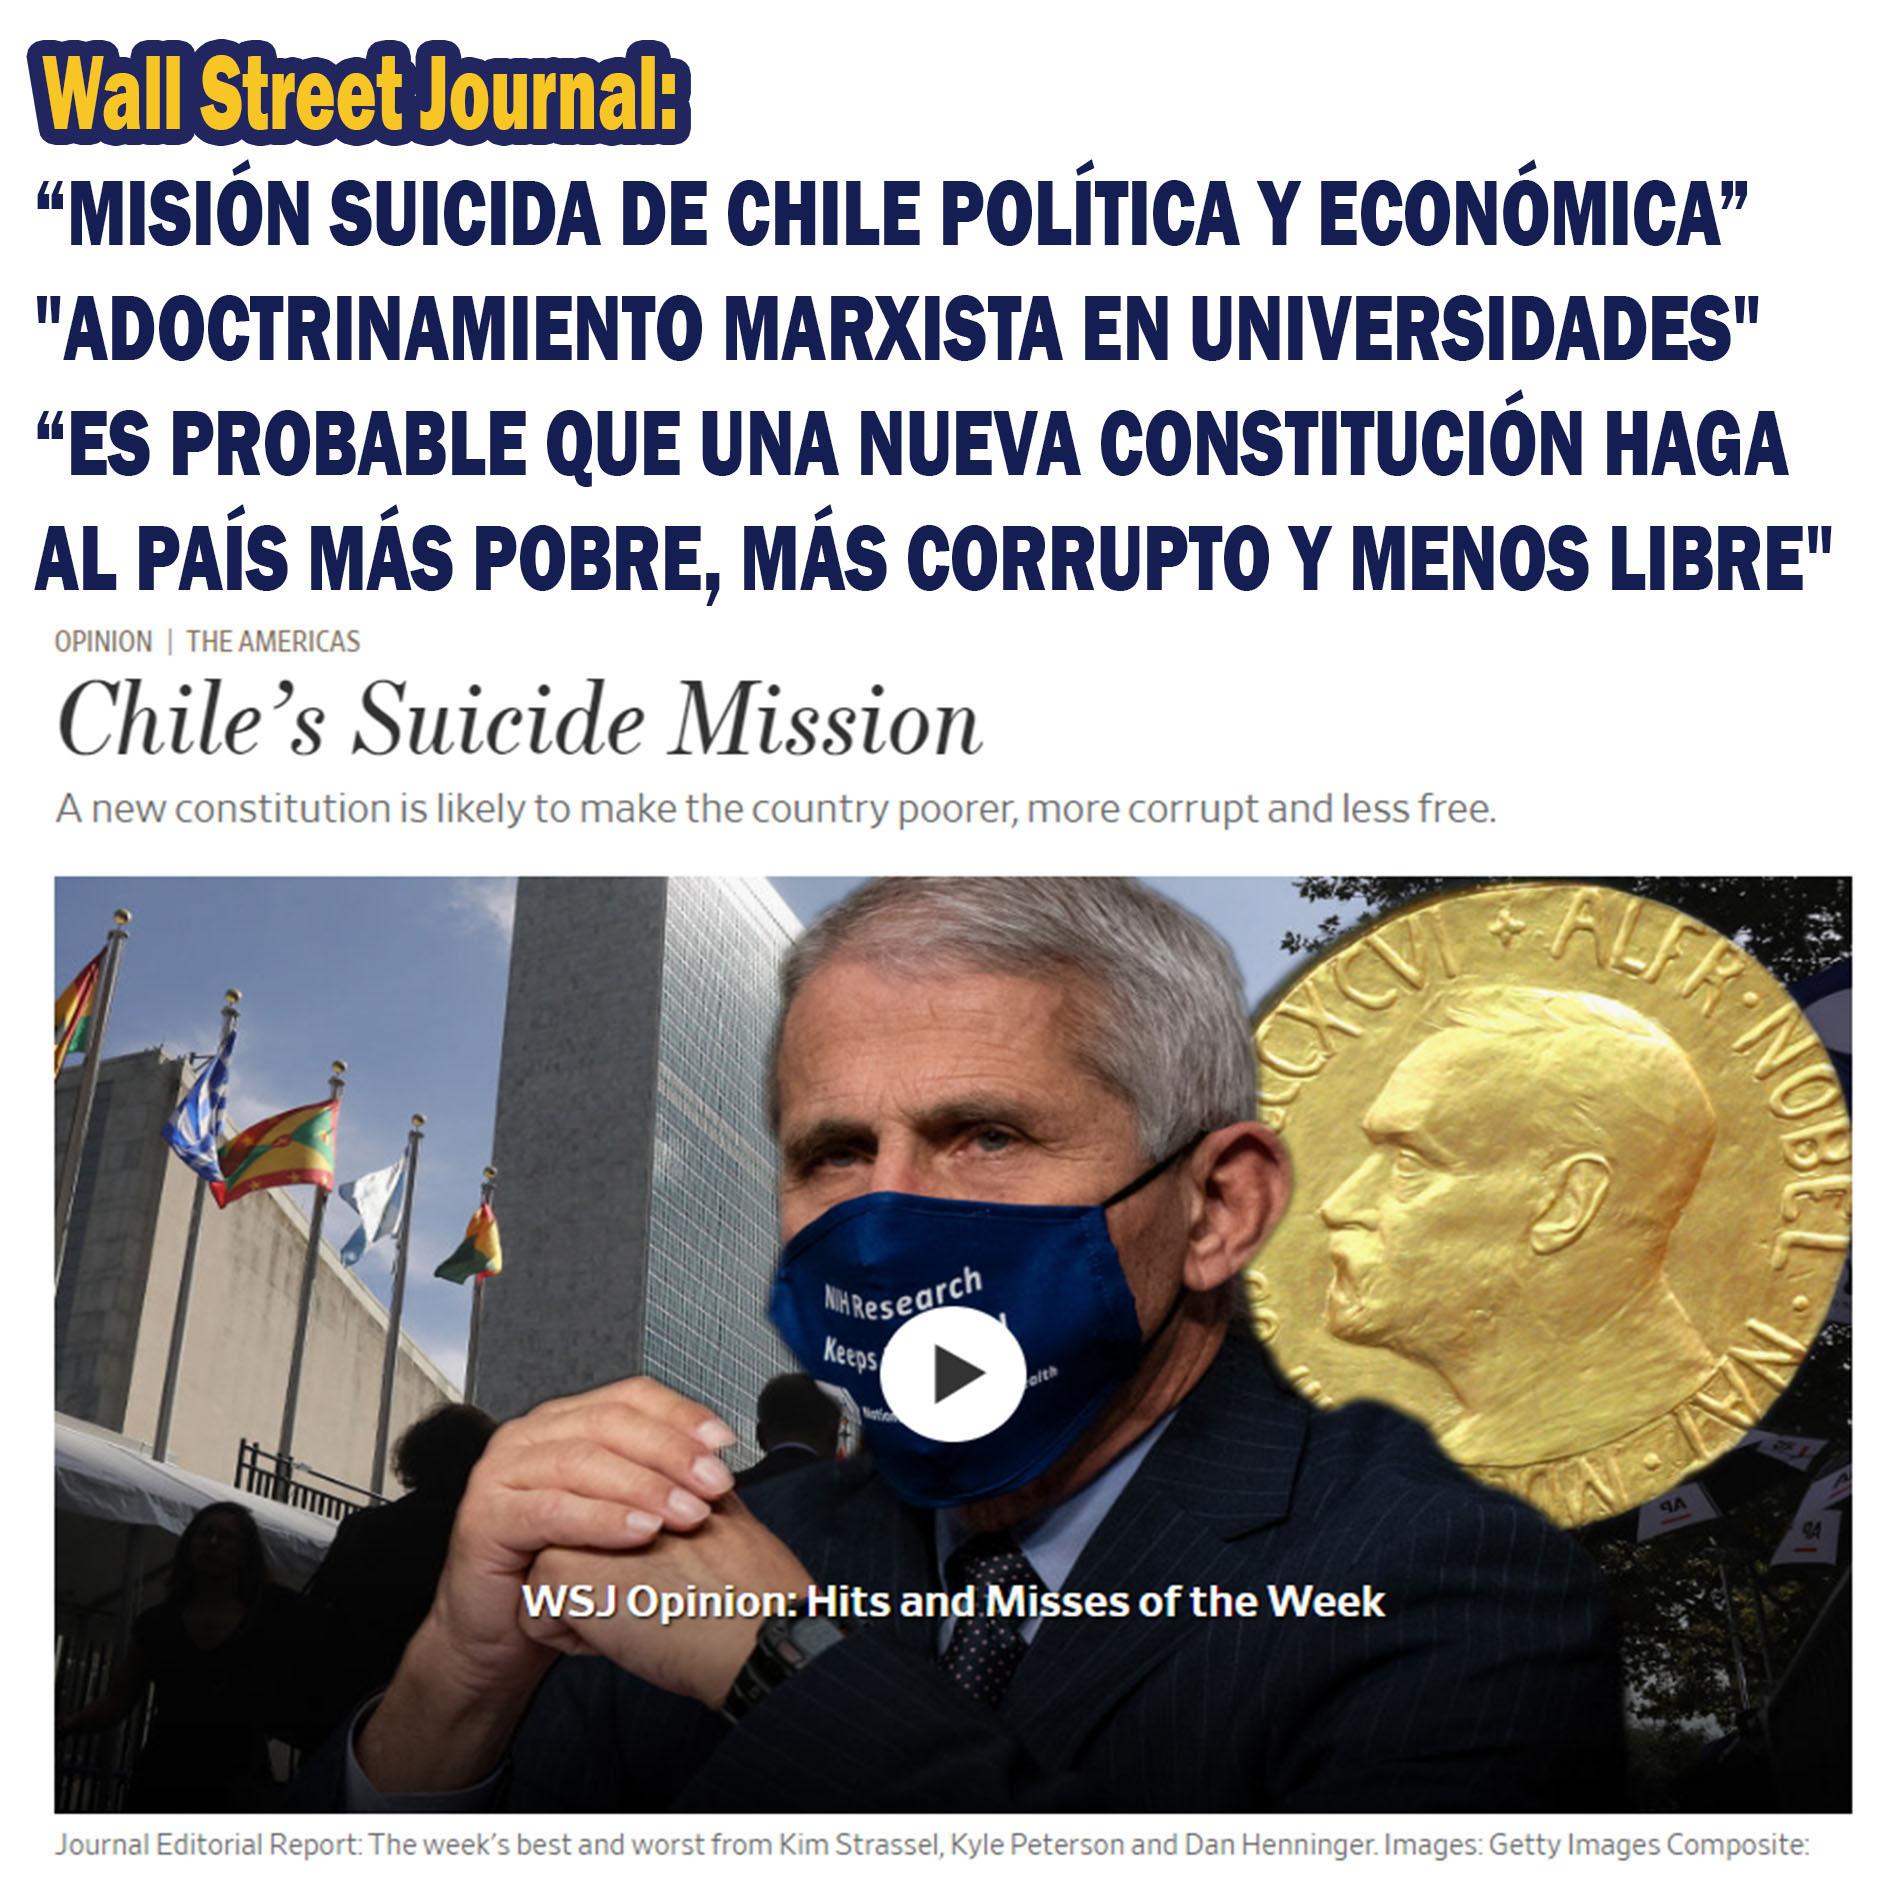 """LIBERA TU VOZ: Wall Street Journal: """"MISIÓN SUICIDA DE CHILE y """"ADOCTRINAMIENTO  MARXISTA EN UNIVERSIDADES"""":"""